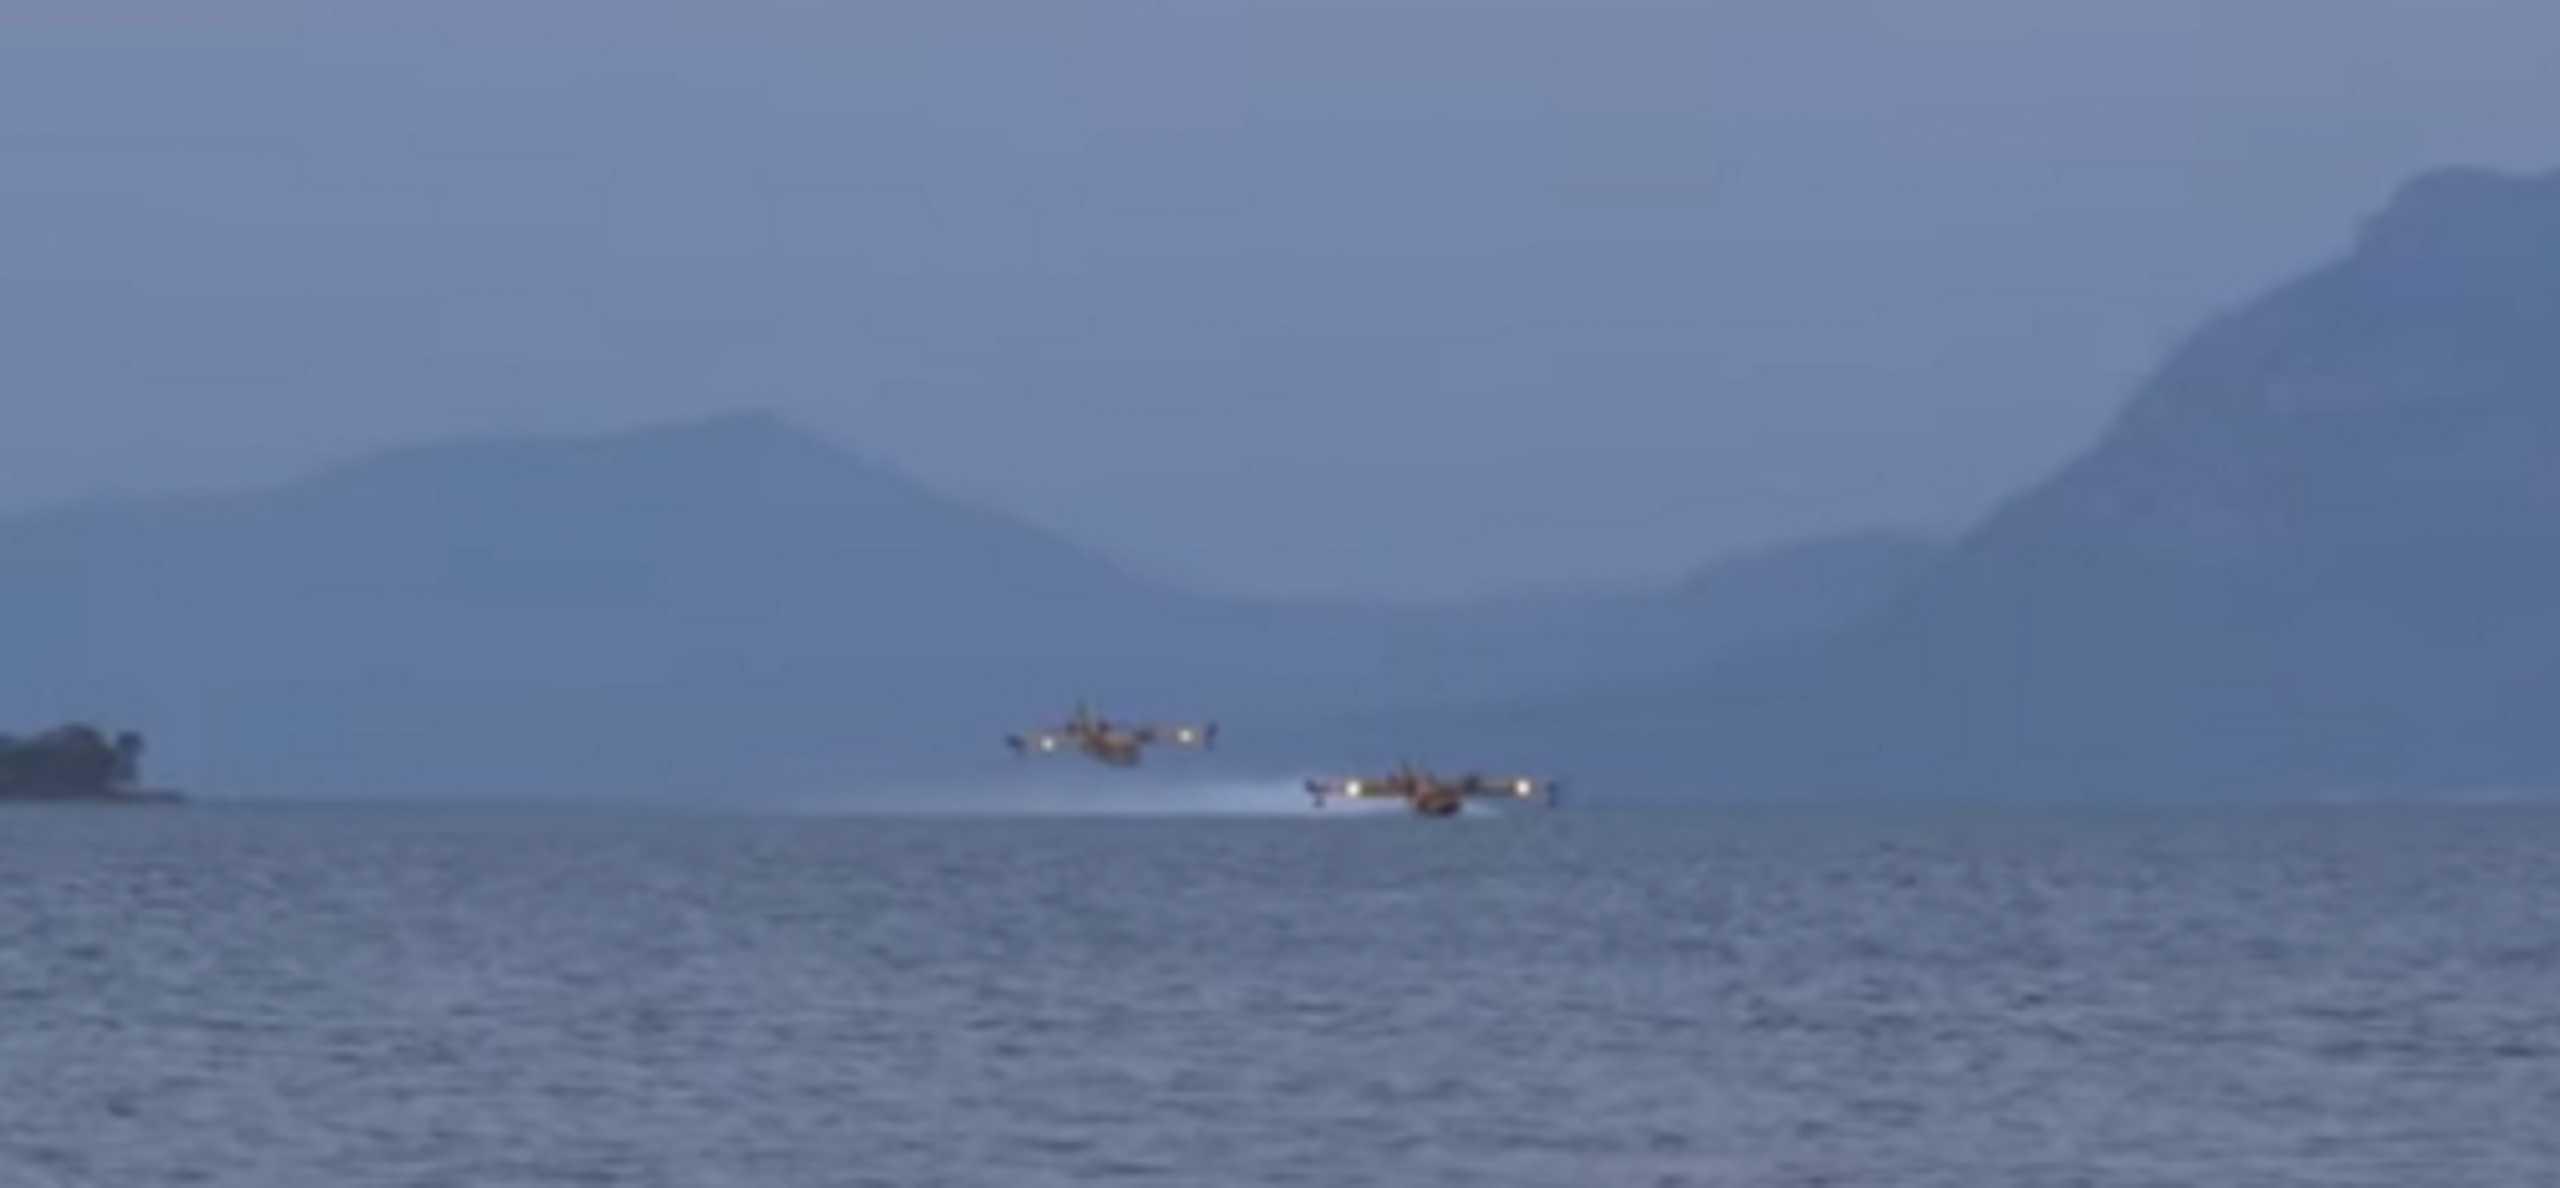 Φωτιά στη Φθιώτιδα: Εντυπωσιακό βίντεο από τα Canadair στην πυρκαγιά στο Λογγίτσι